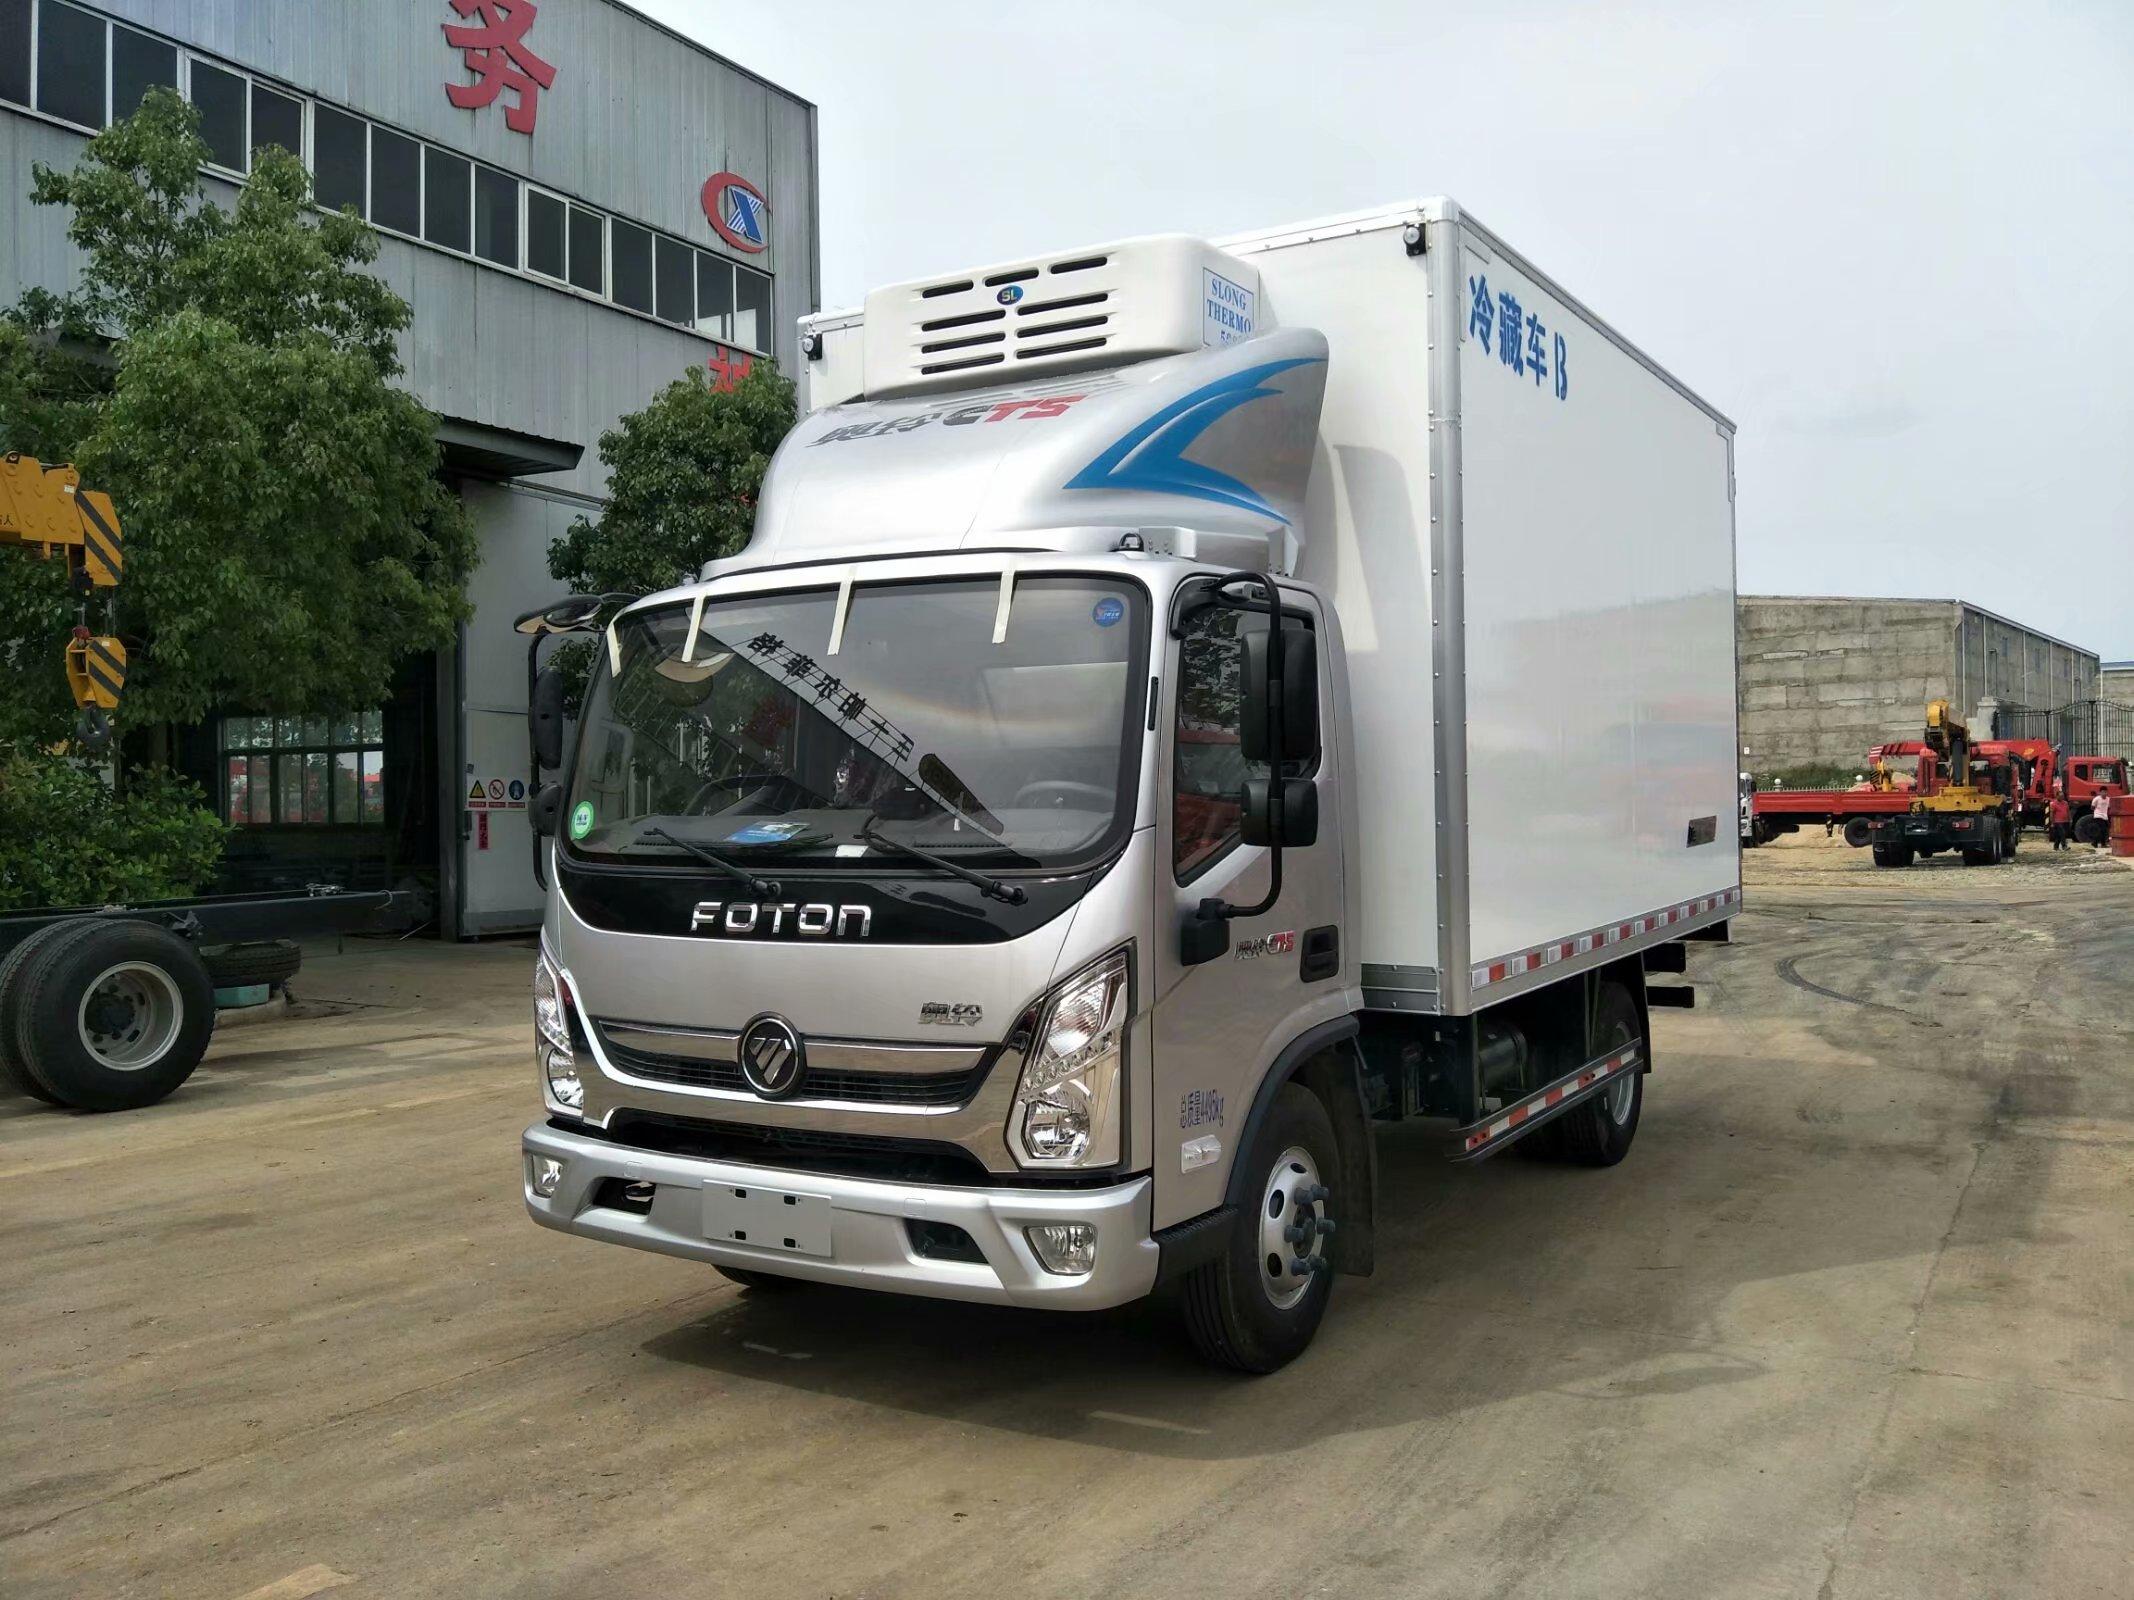 福田奥铃冷藏运输车厂家直销,奥铃4米2厢长冷藏车价格